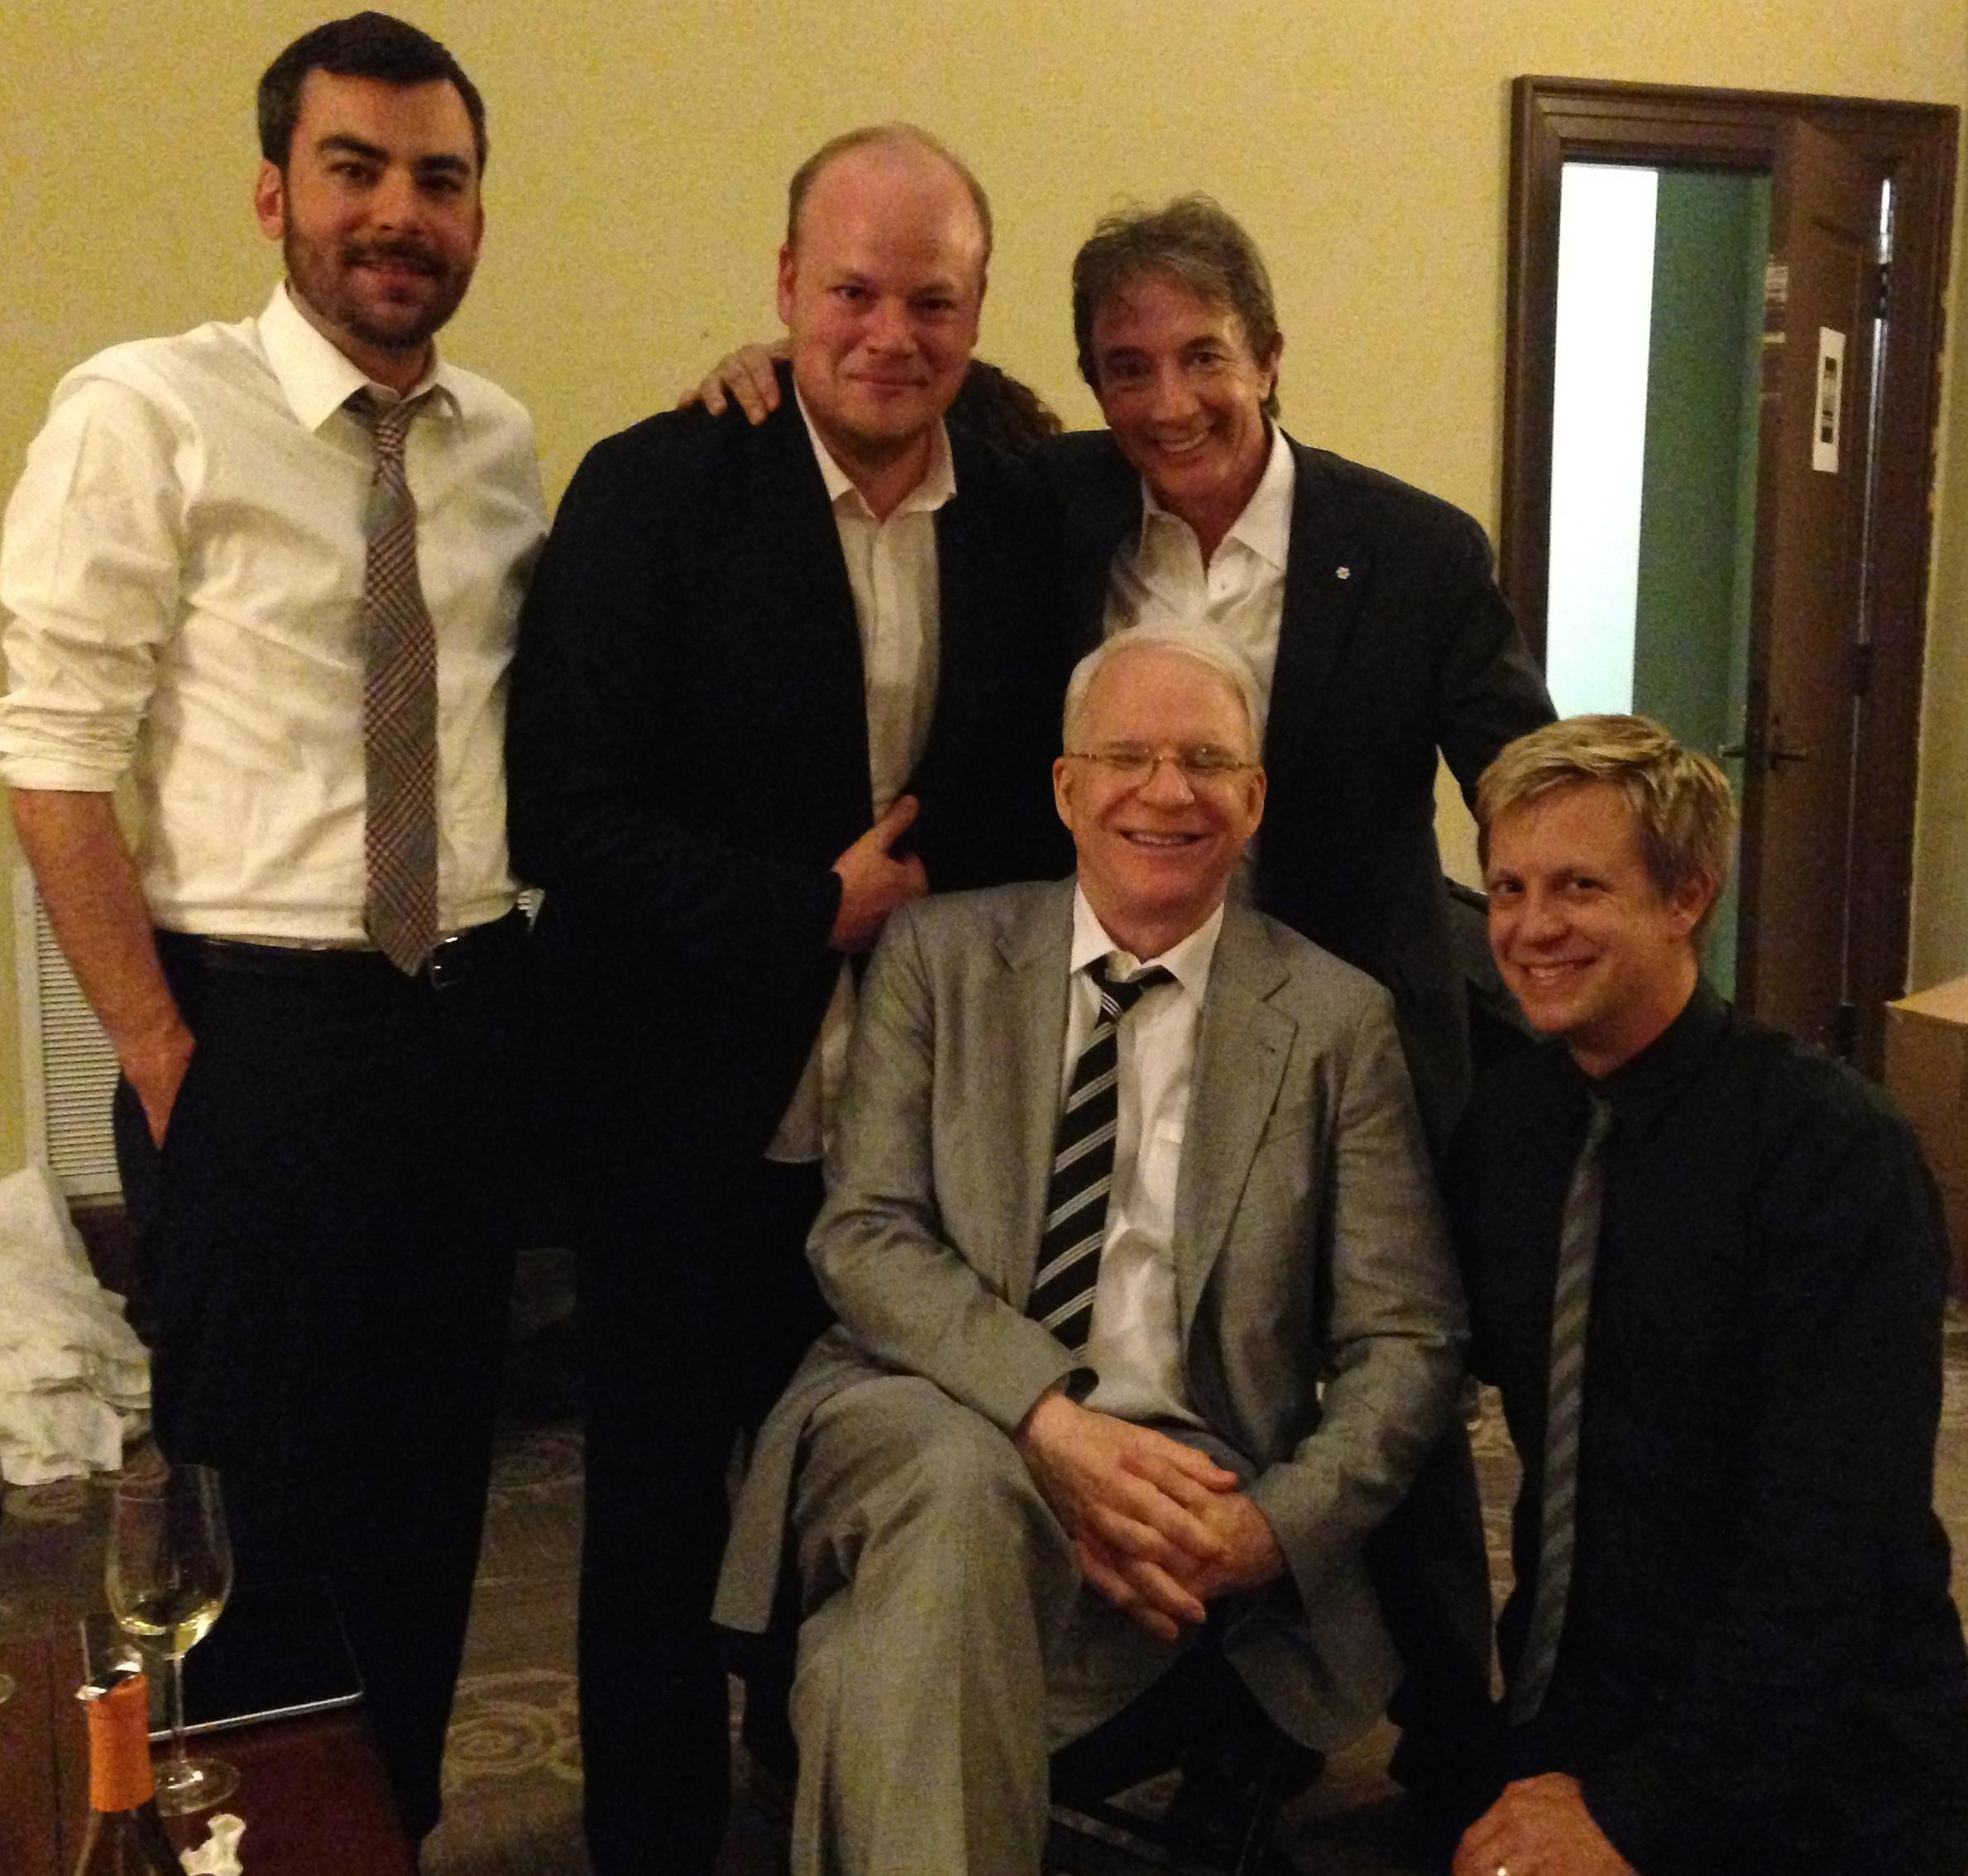 Mike Guggino, Mike Ashworth, Martin Short & seated Steve Martin & jb, Richmond, VA 2014